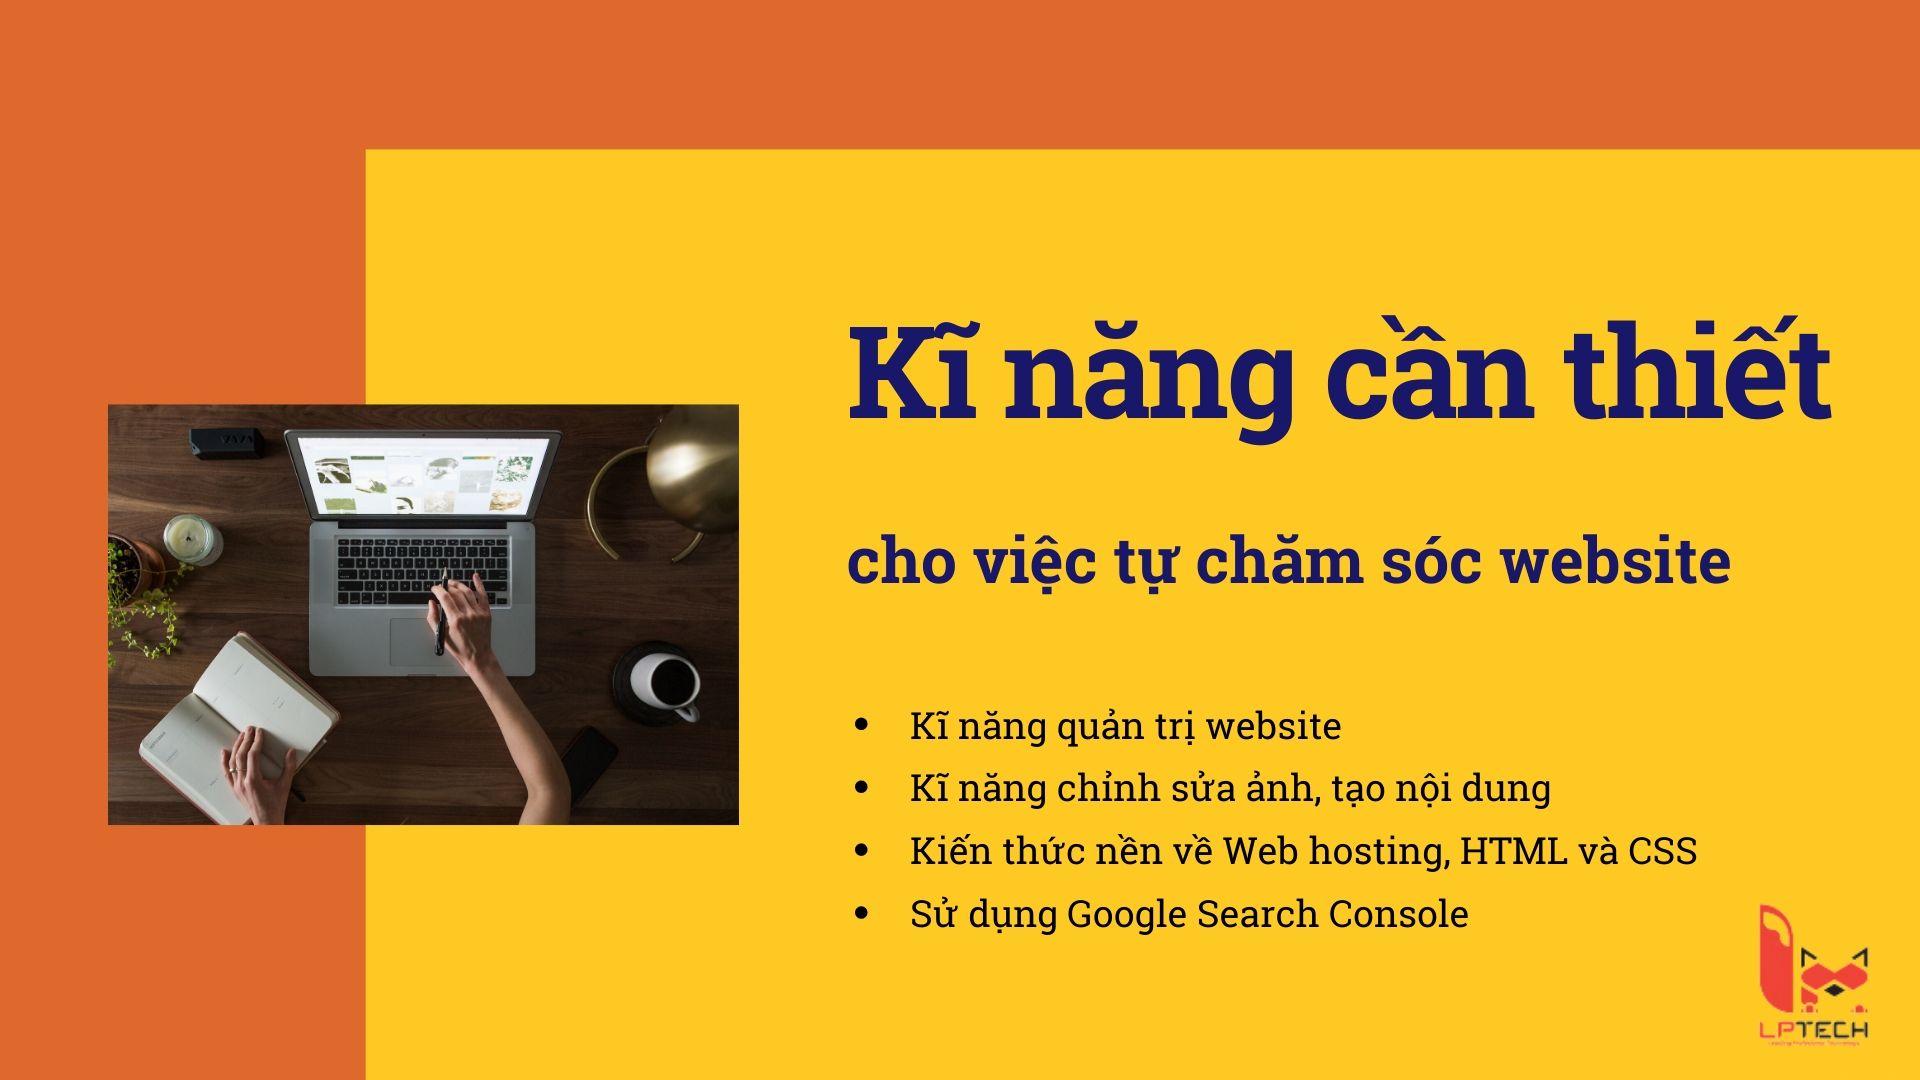 Kĩ năng cần thiết để tự chăm sóc website